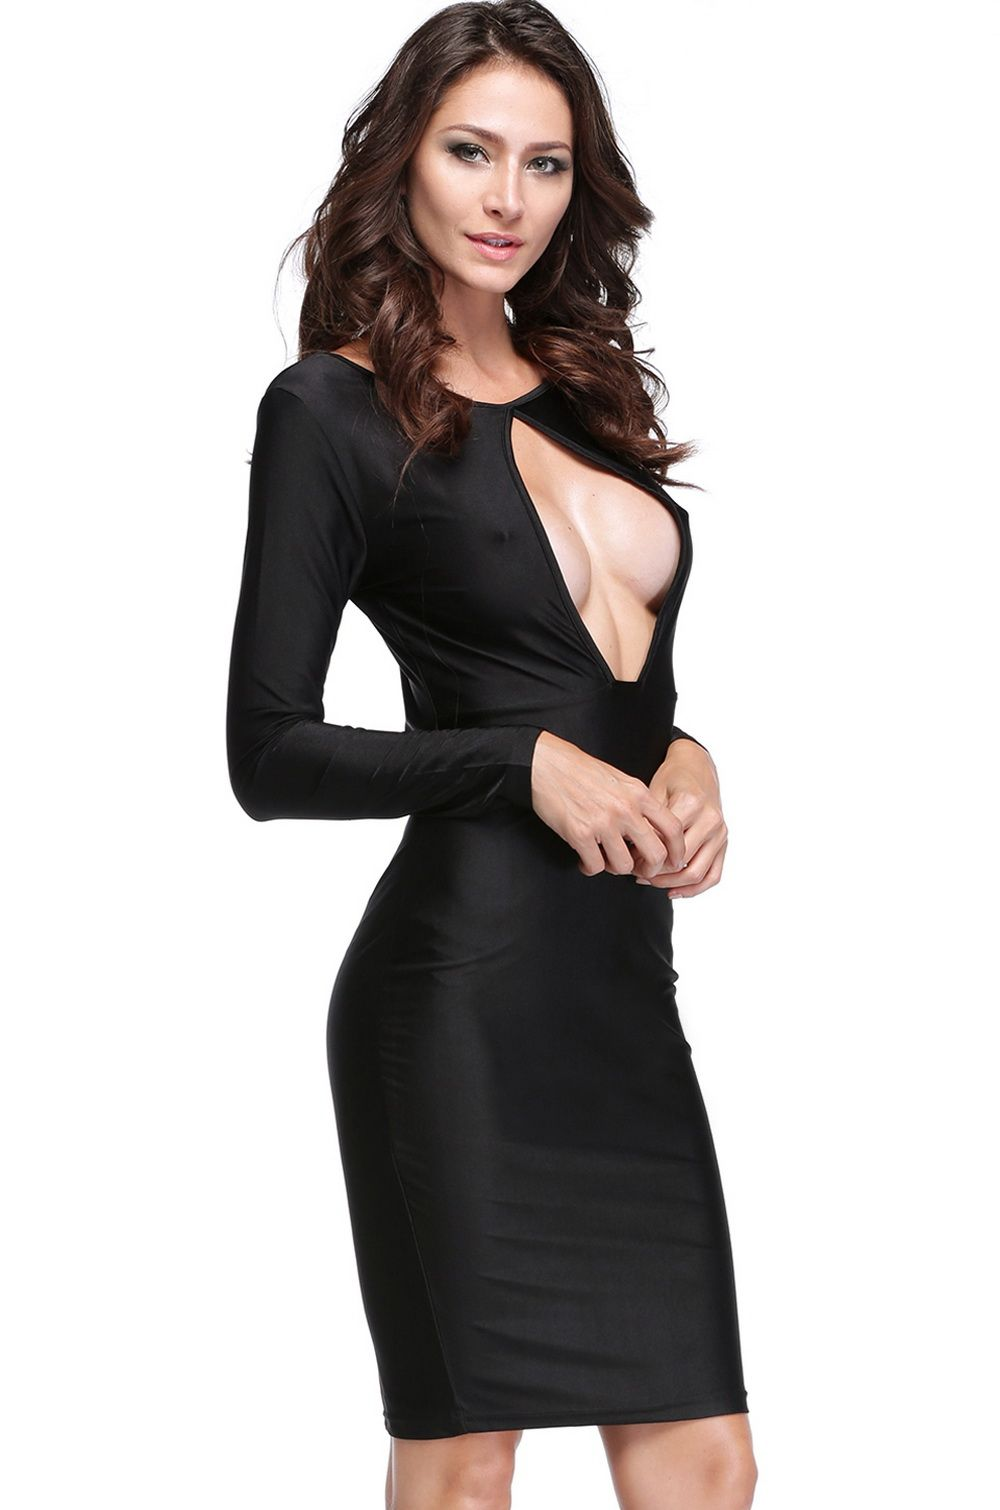 Aliexpress.com : Buy 2014 New Sexy Women O neck Long